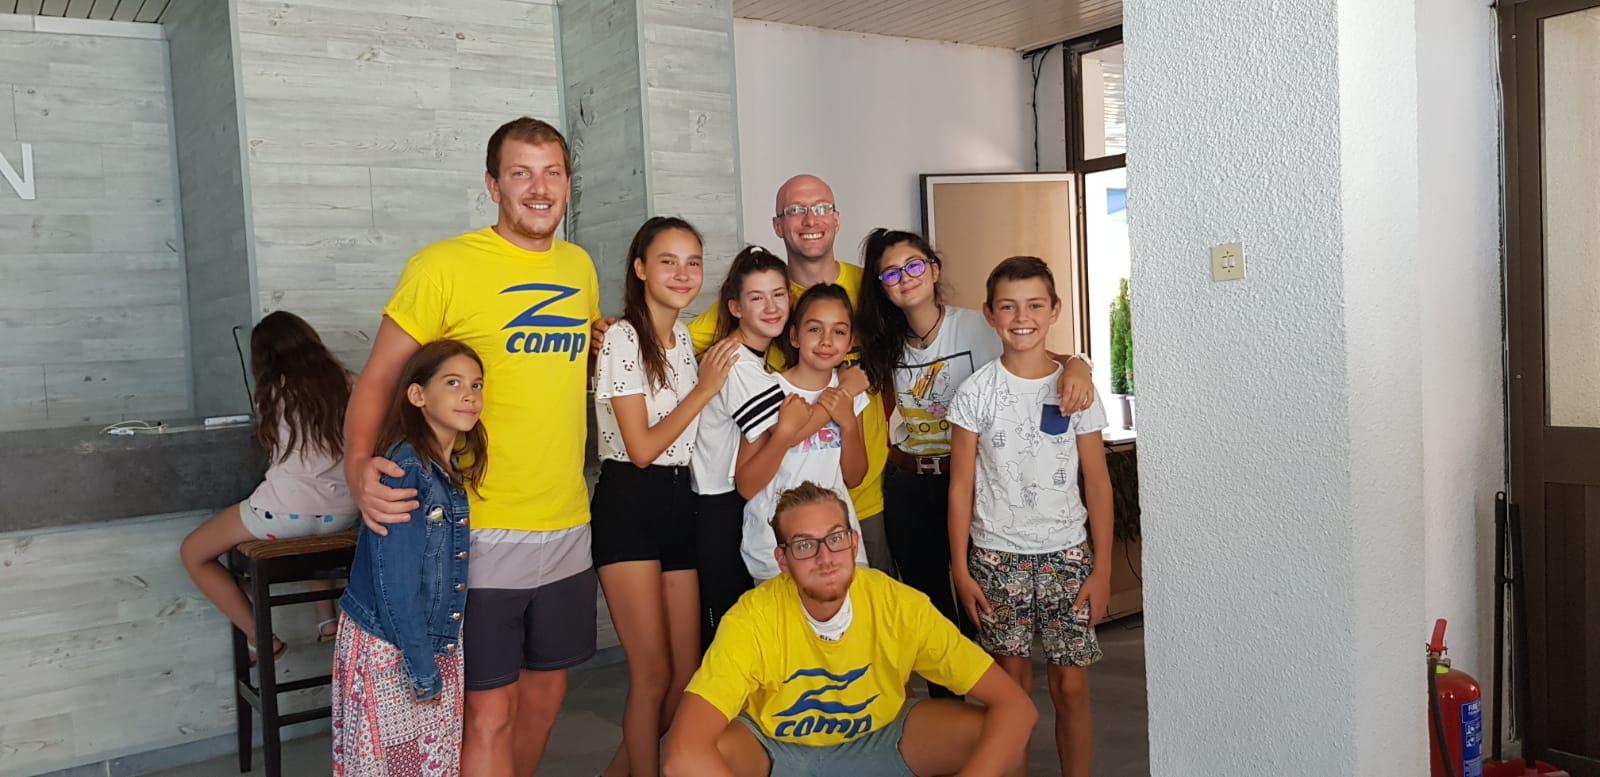 езикови летни лагери за деца Z кемп, Ден 25 - снимка на група деца с учителите във фоайето